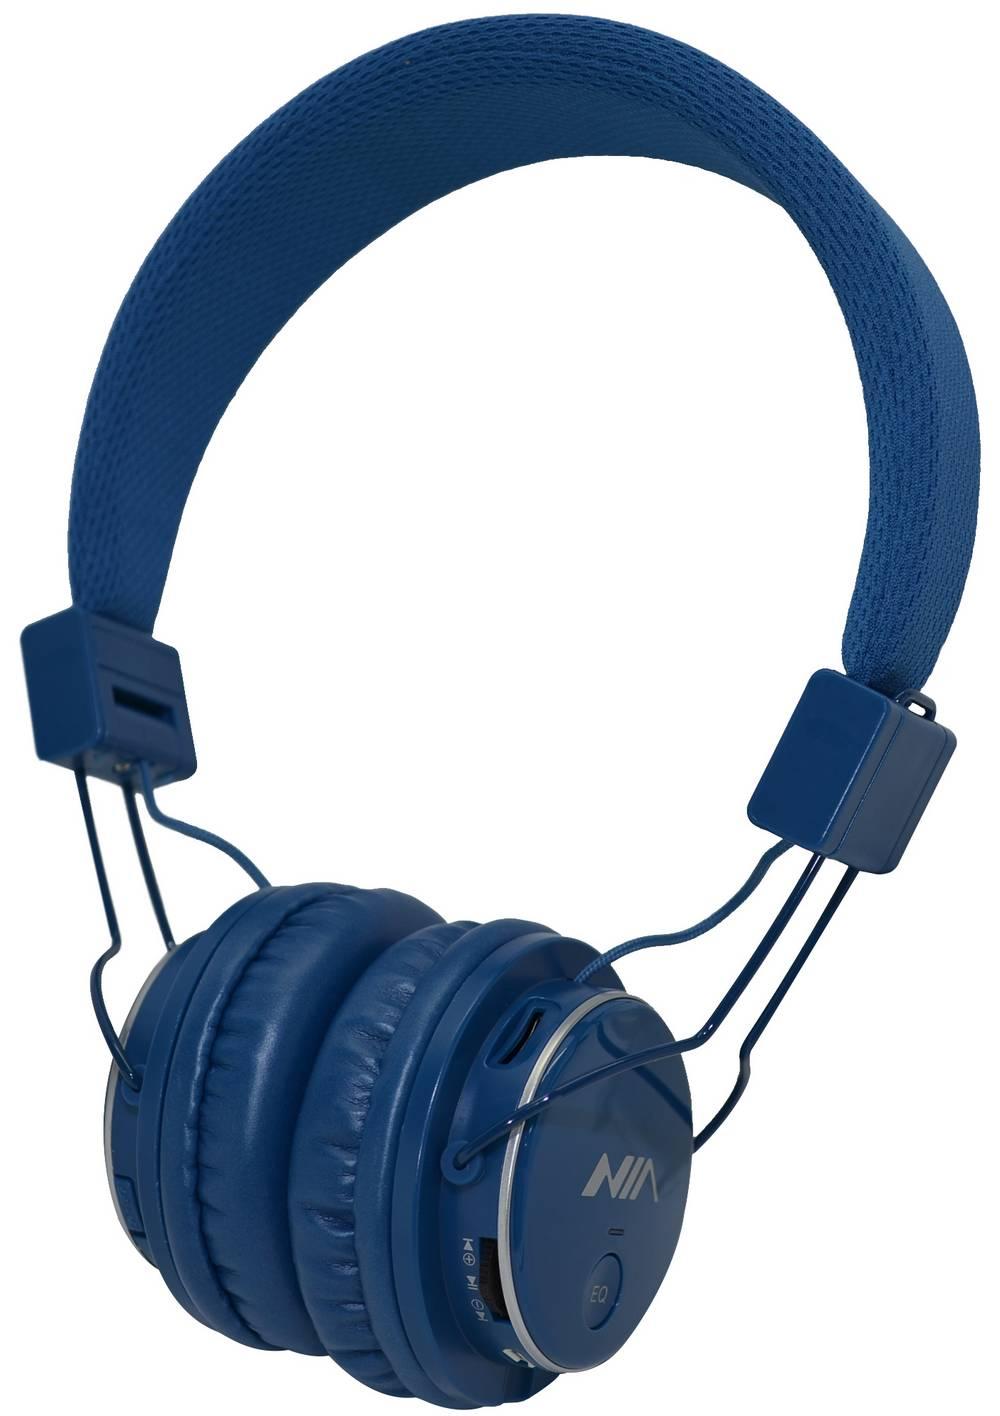 Ακουστικά Stereo NIA Foldable MRH-8809S 3.5 mm Μπλέ με Ραδιόφωνο FM και MP3 Player με Κάρτα Μνήμης Micro SD